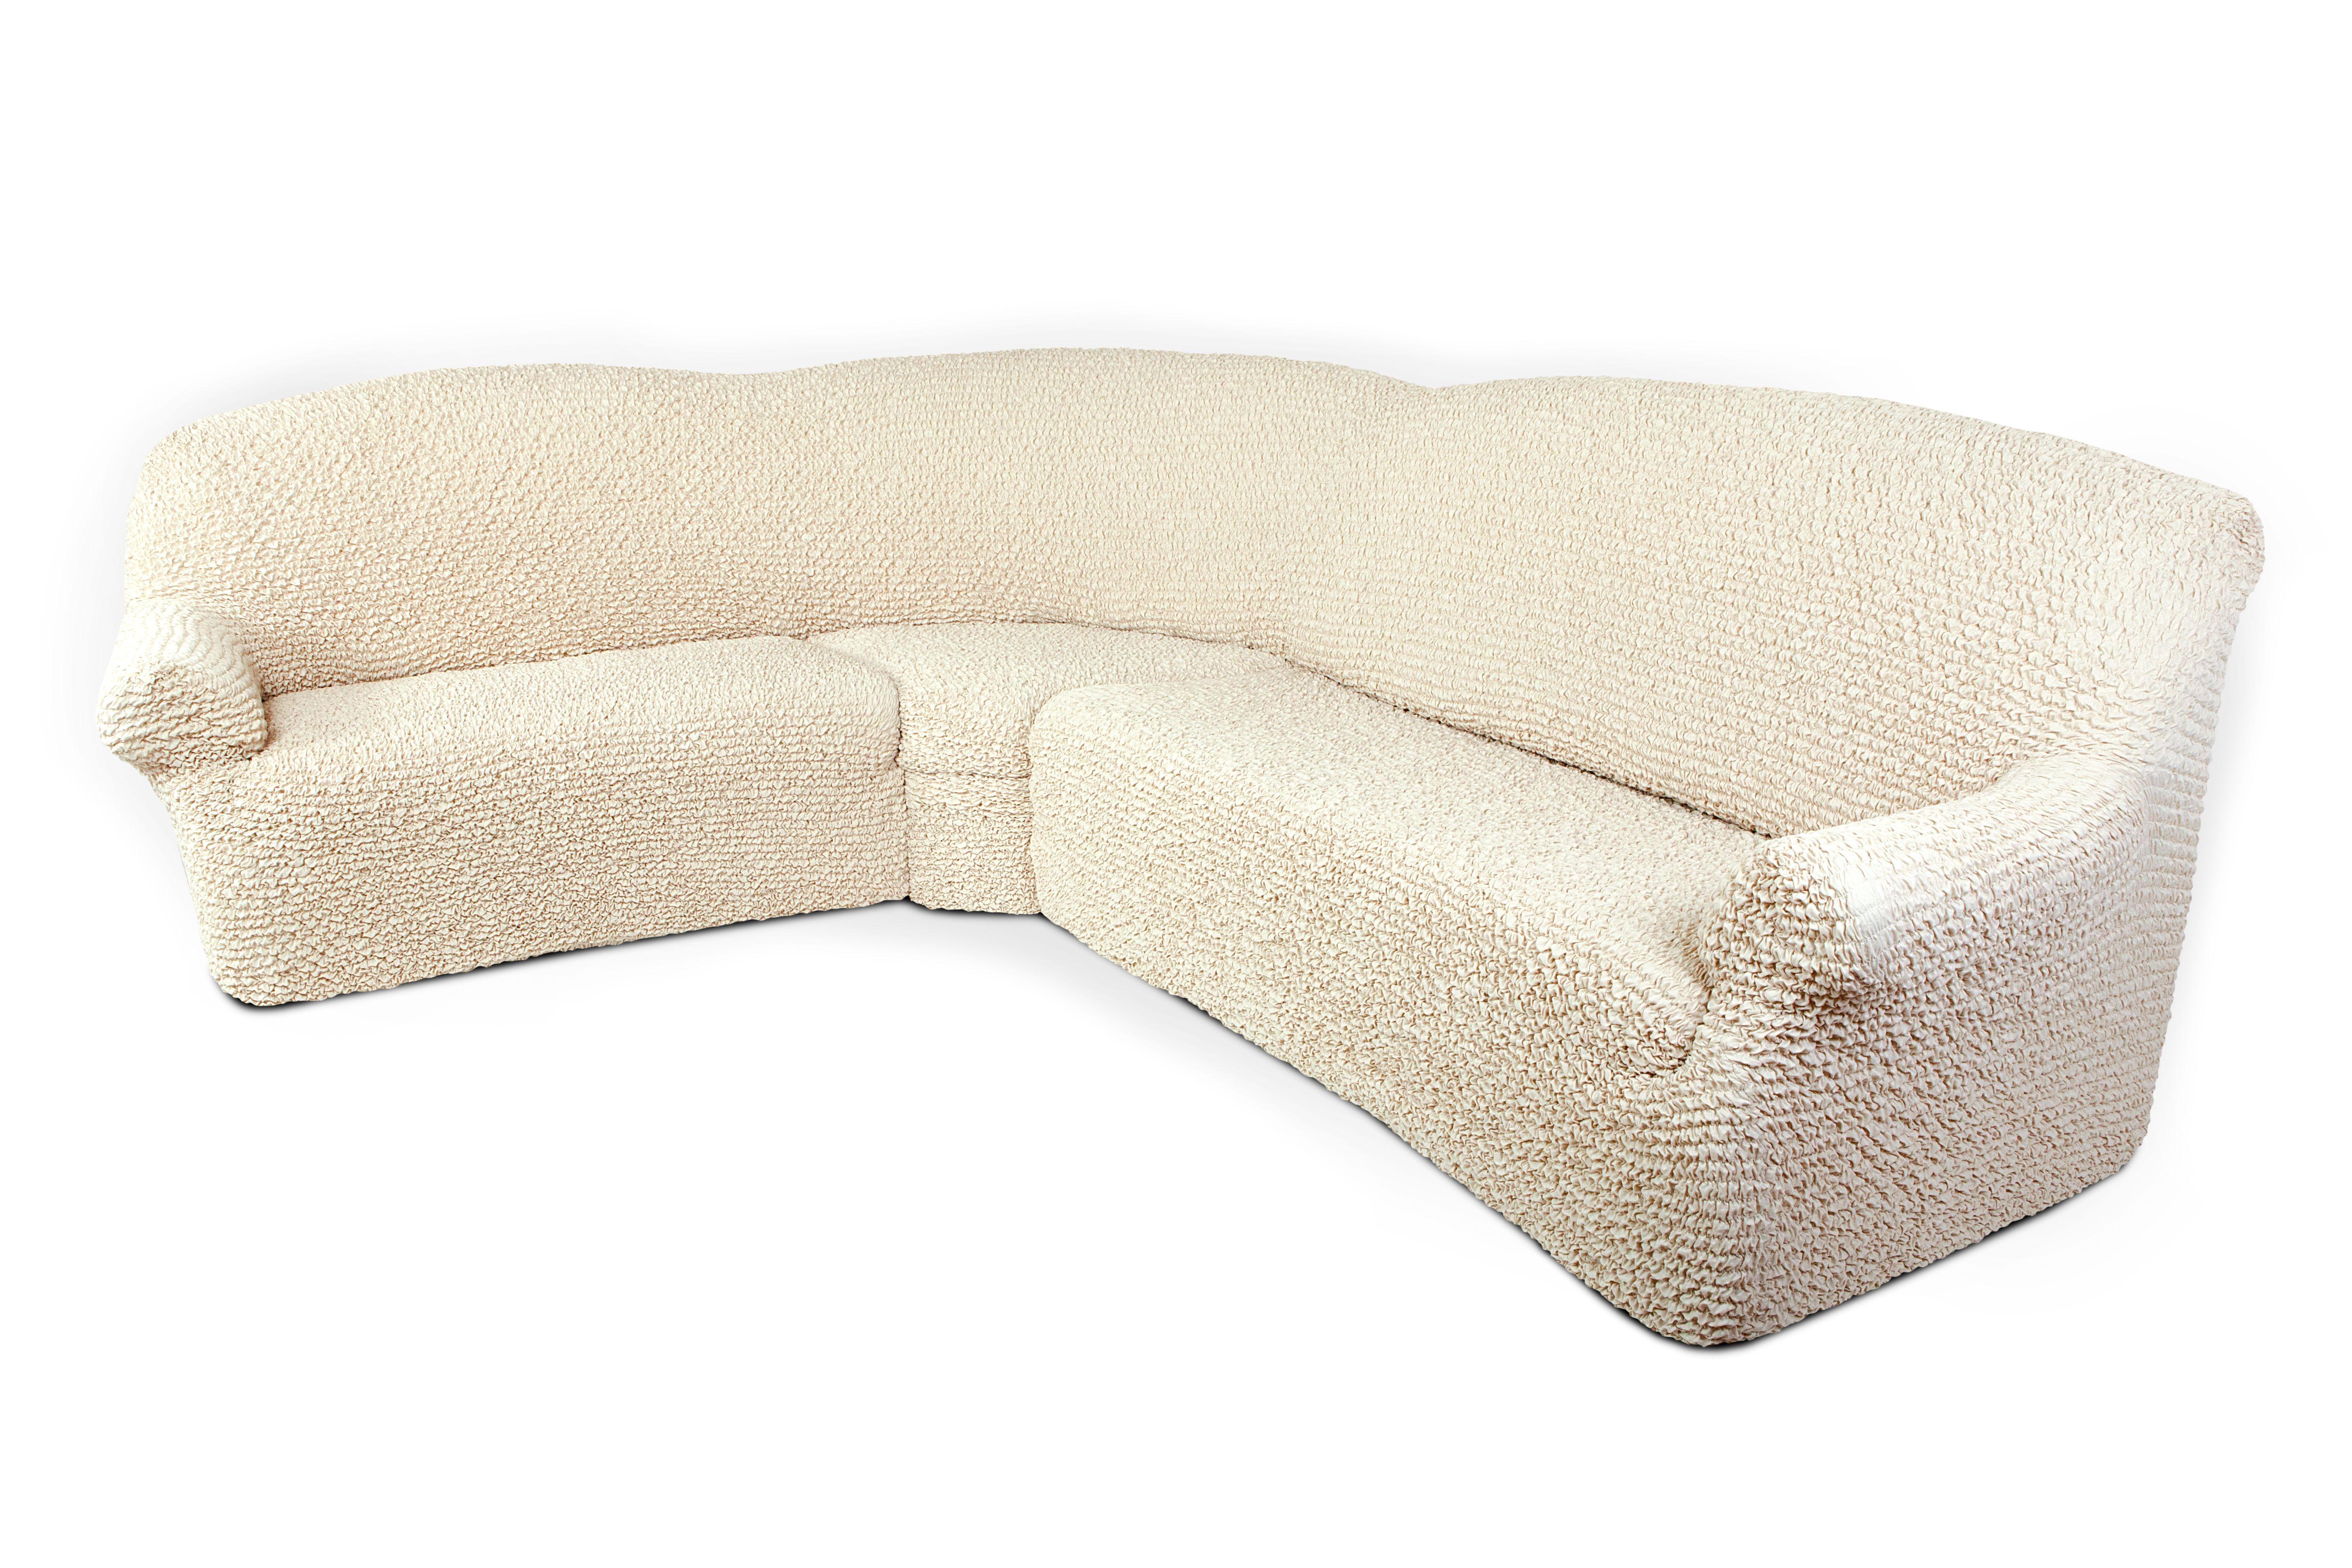 Чехол на угловой диван Еврочехол Микрофибра, цвет: ванильный, 380-550 см54 009312Чехол на классический угловой диван Еврочехол Микрофибра выполнен из 100% полиэстера. Он идеально подойдет для тех, кто хочет защитить свою мебель от постоянных воздействий. Этот чехол, благодаря прочности ткани, станет идеальным решением для владельцев домашних животных. Кроме того, состав ткани гипоаллергенен, а потому безопасен для малышей или людей пожилого возраста. Такой чехол отлично впишется в любой интерьер. Еврочехол послужит не только практичной защитой для вашей мебели, но и приятно удивит вас мягкостью ткани и итальянским качеством производства. Растяжимость чехла по спинке (без учета подлокотников): 380-550 см.